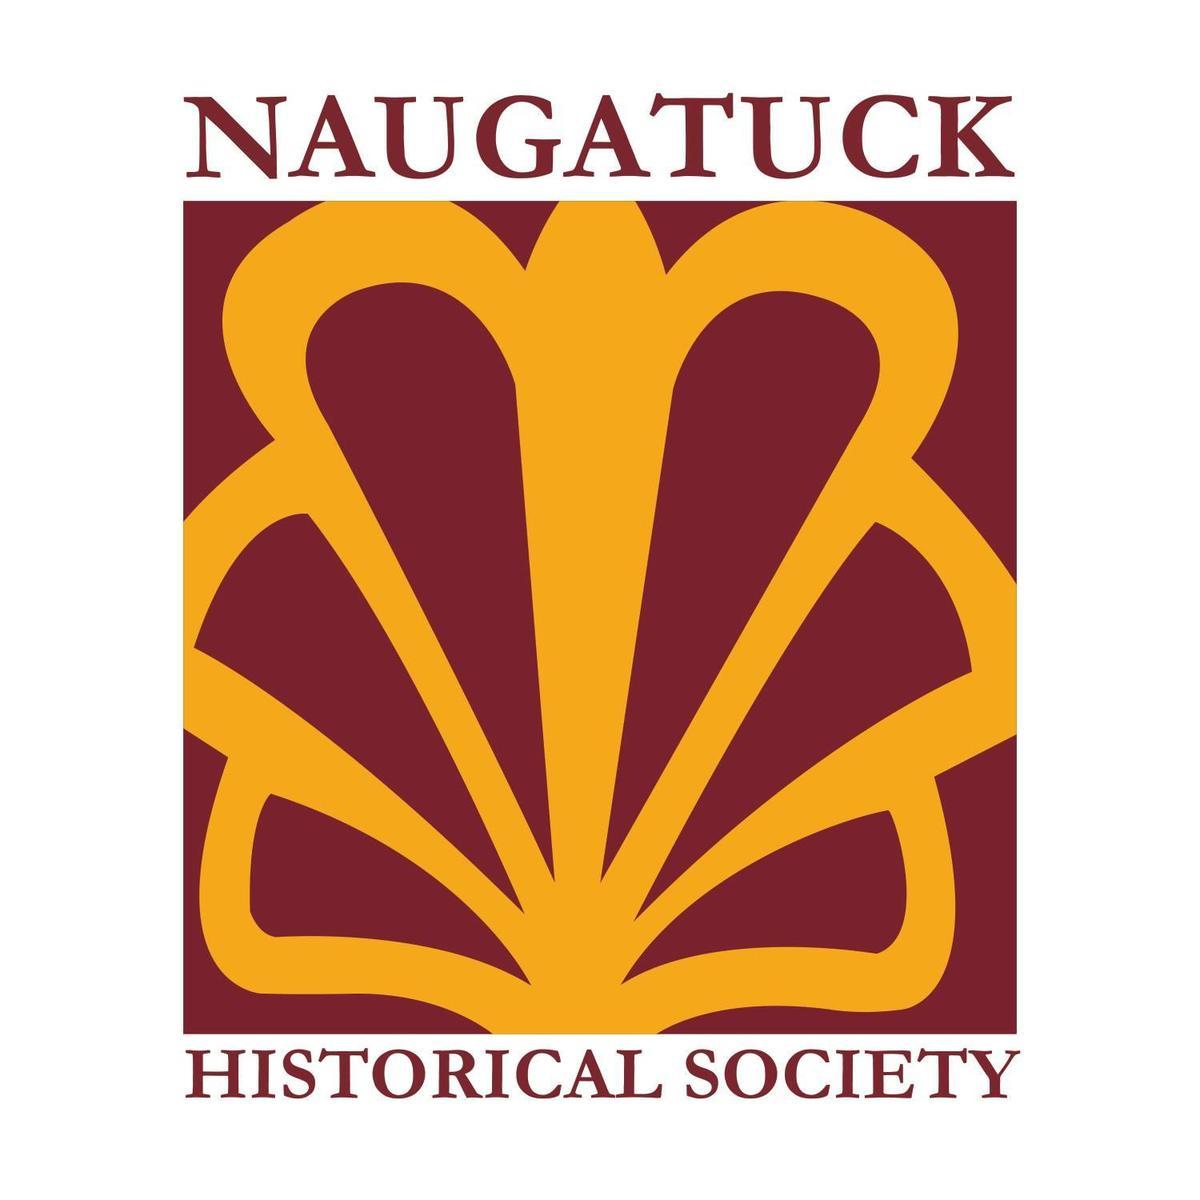 Naugatuck Historical Society logo